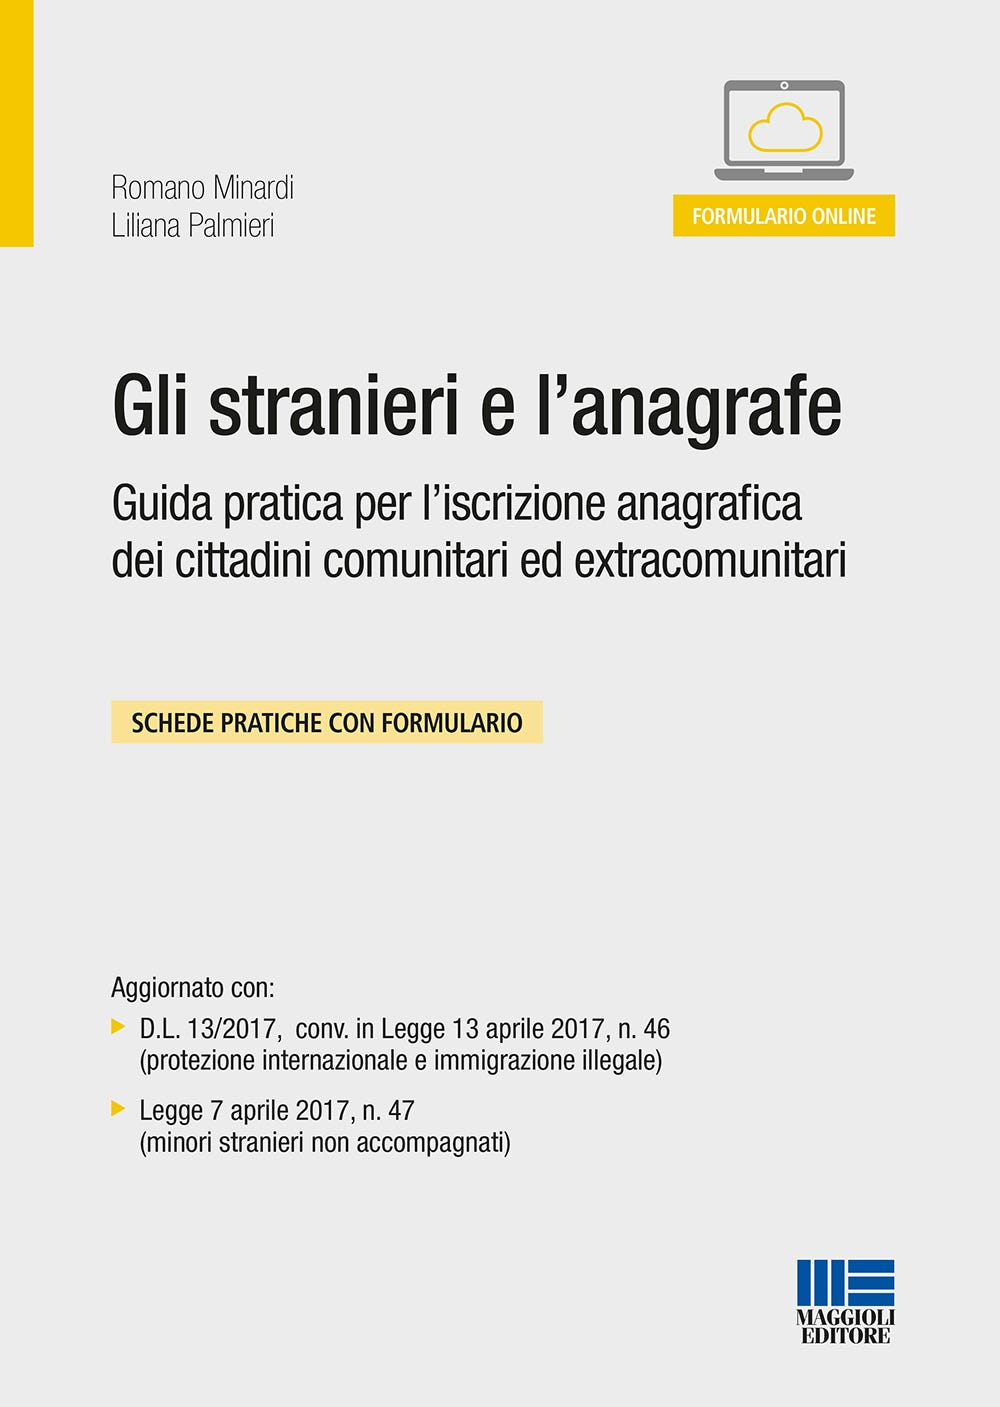 Gli stranieri e l\'anagrafe - Maggioli Editore